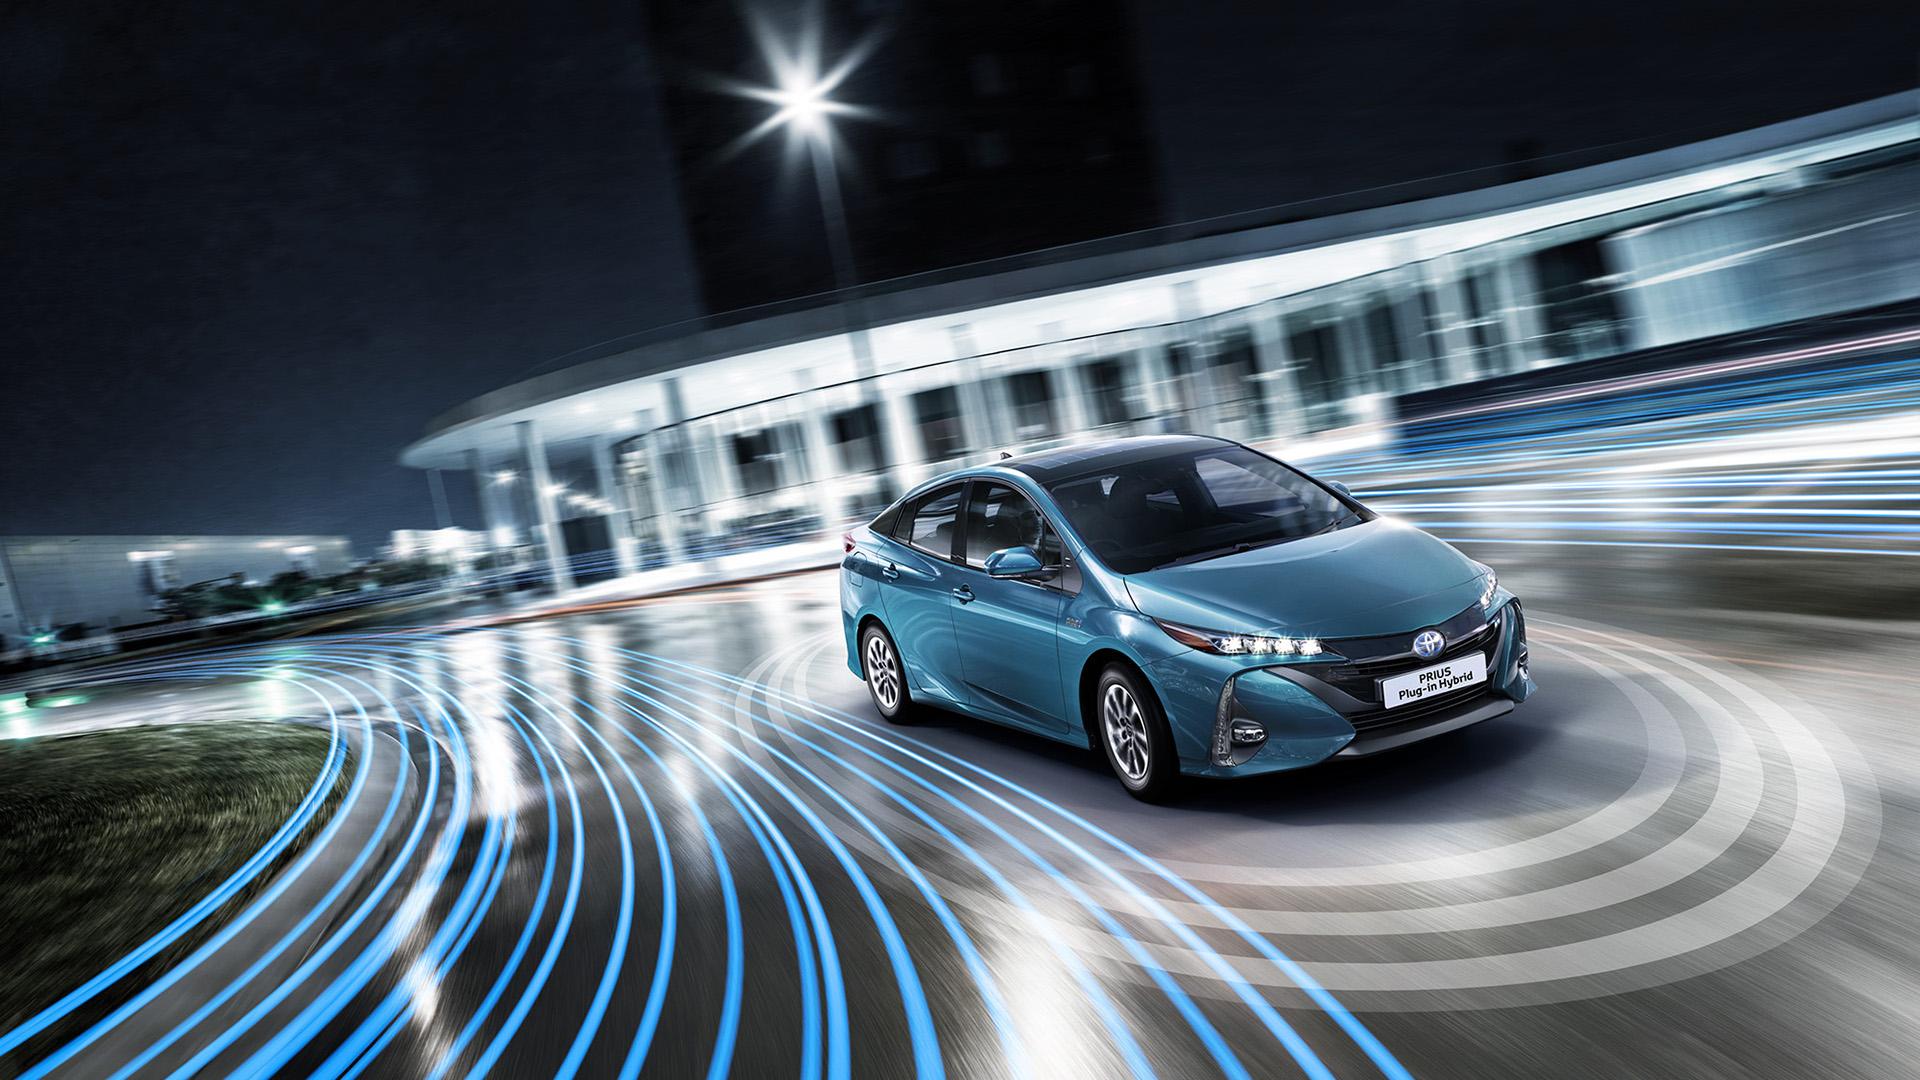 H Toyota αντιτίθεται στη γρήγορη μετάβαση προς την ηλεκτροκίνηση